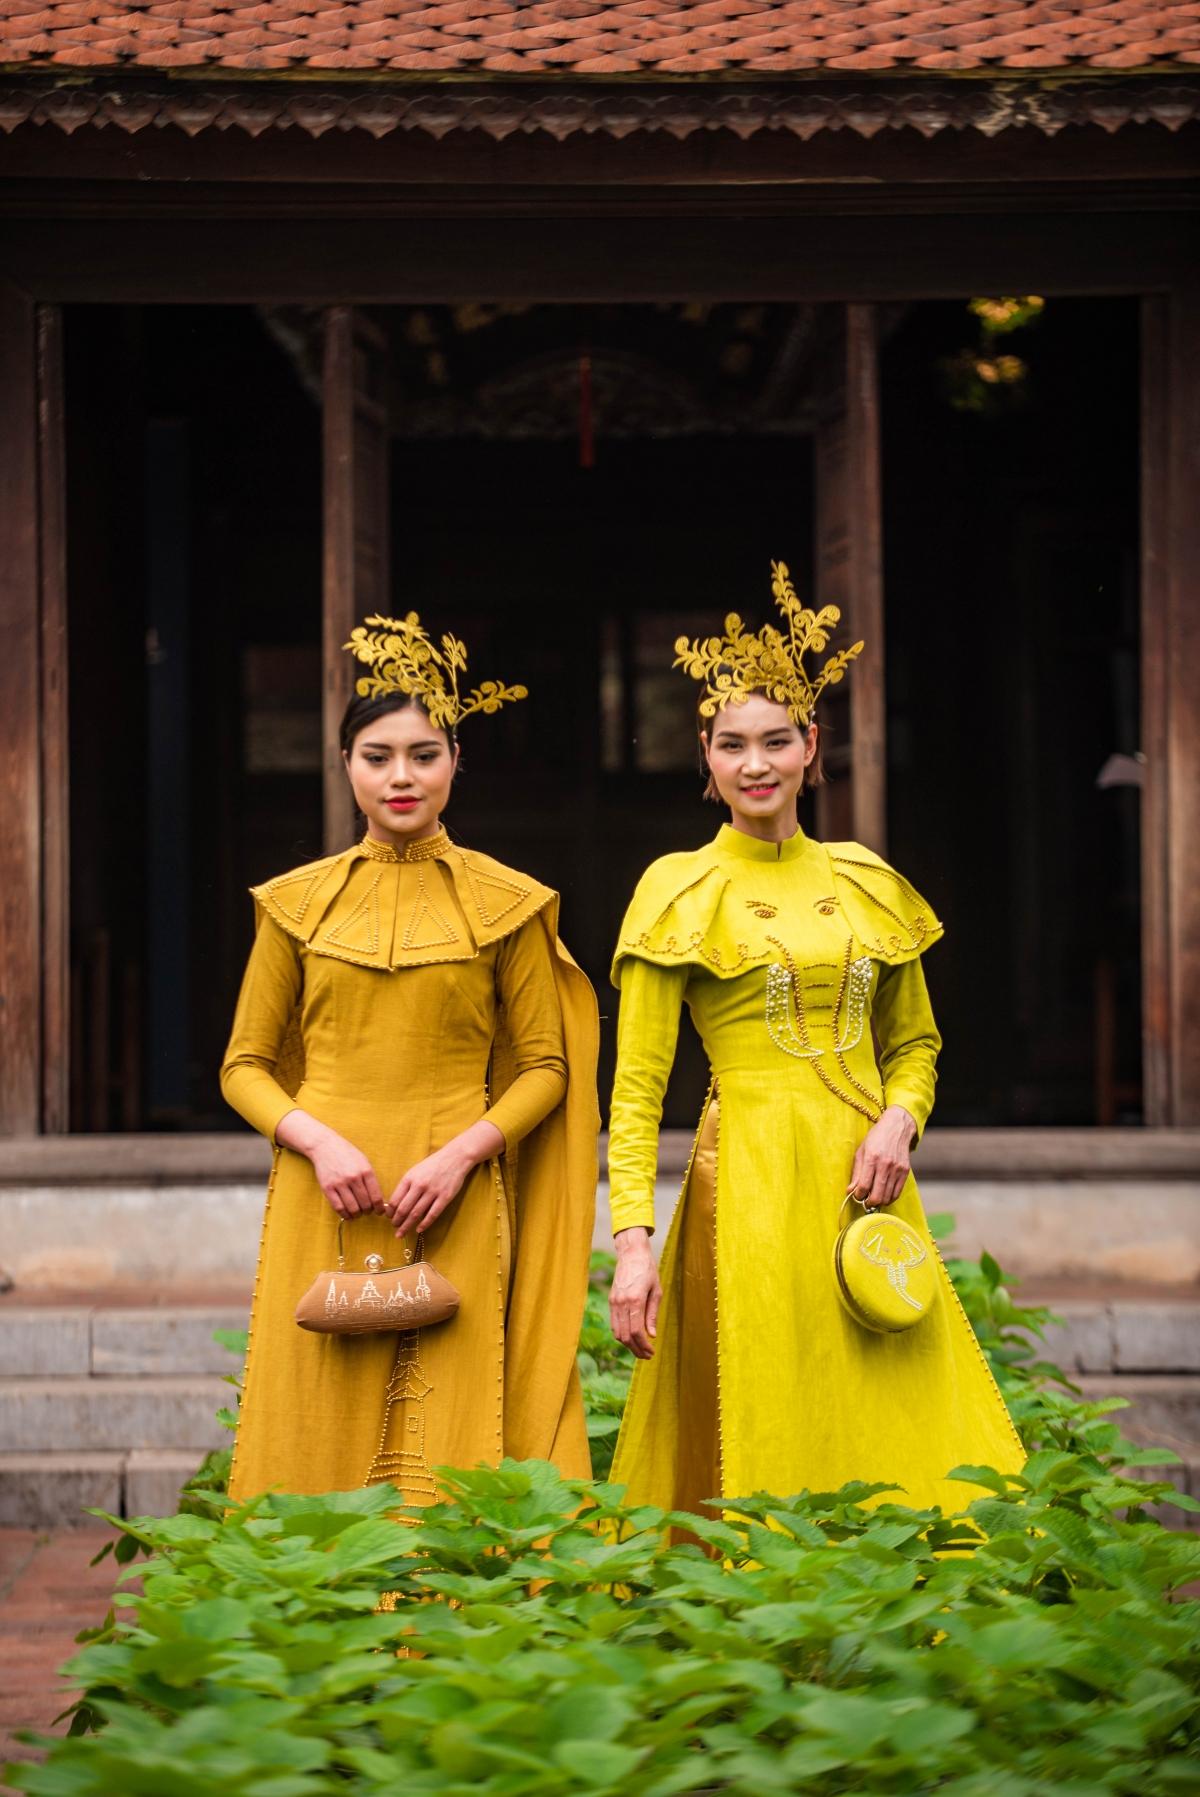 PGS.TS Trần Đức Ngôn, Viện trưởng Viện nghiên cứu văn hóa Thăng Long, cho biết, áo dài Việt Nam đang trong hành trình tự khẳng định với tư cách là di sản văn hóa, bởi nó không chỉ là hình thức vật chất mà trong đó có cả truyền thống văn hóa.